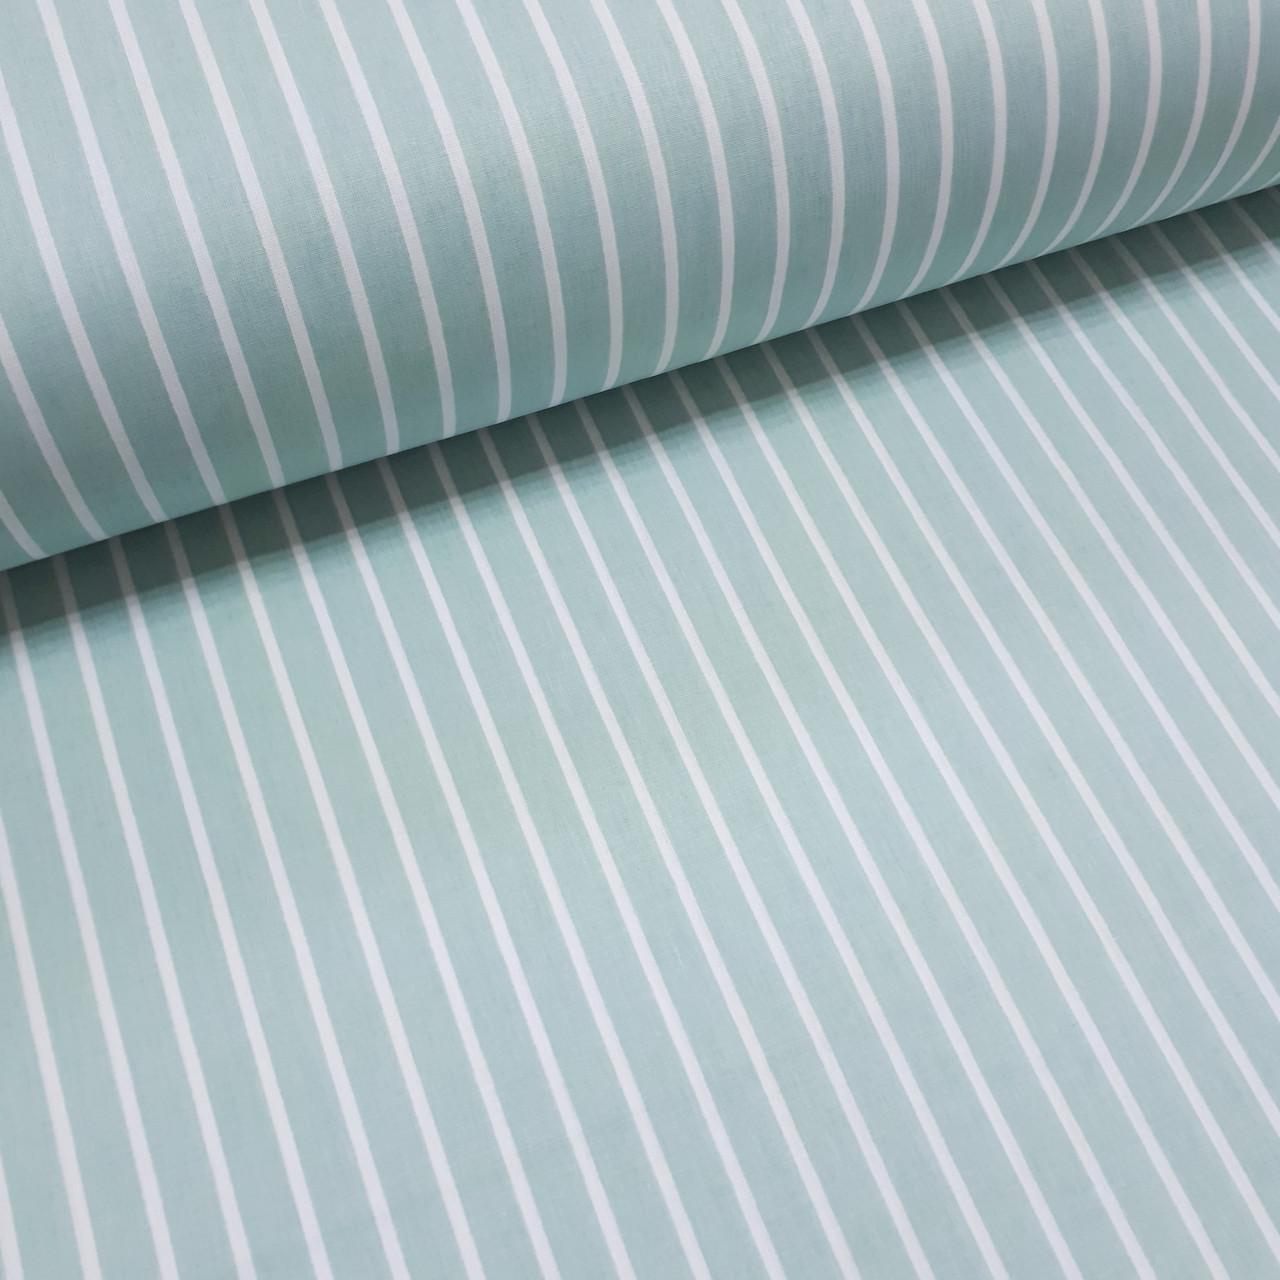 Ткань поплин белая полоска на мятном (ТУРЦИЯ шир. 2,4 м) №32-74